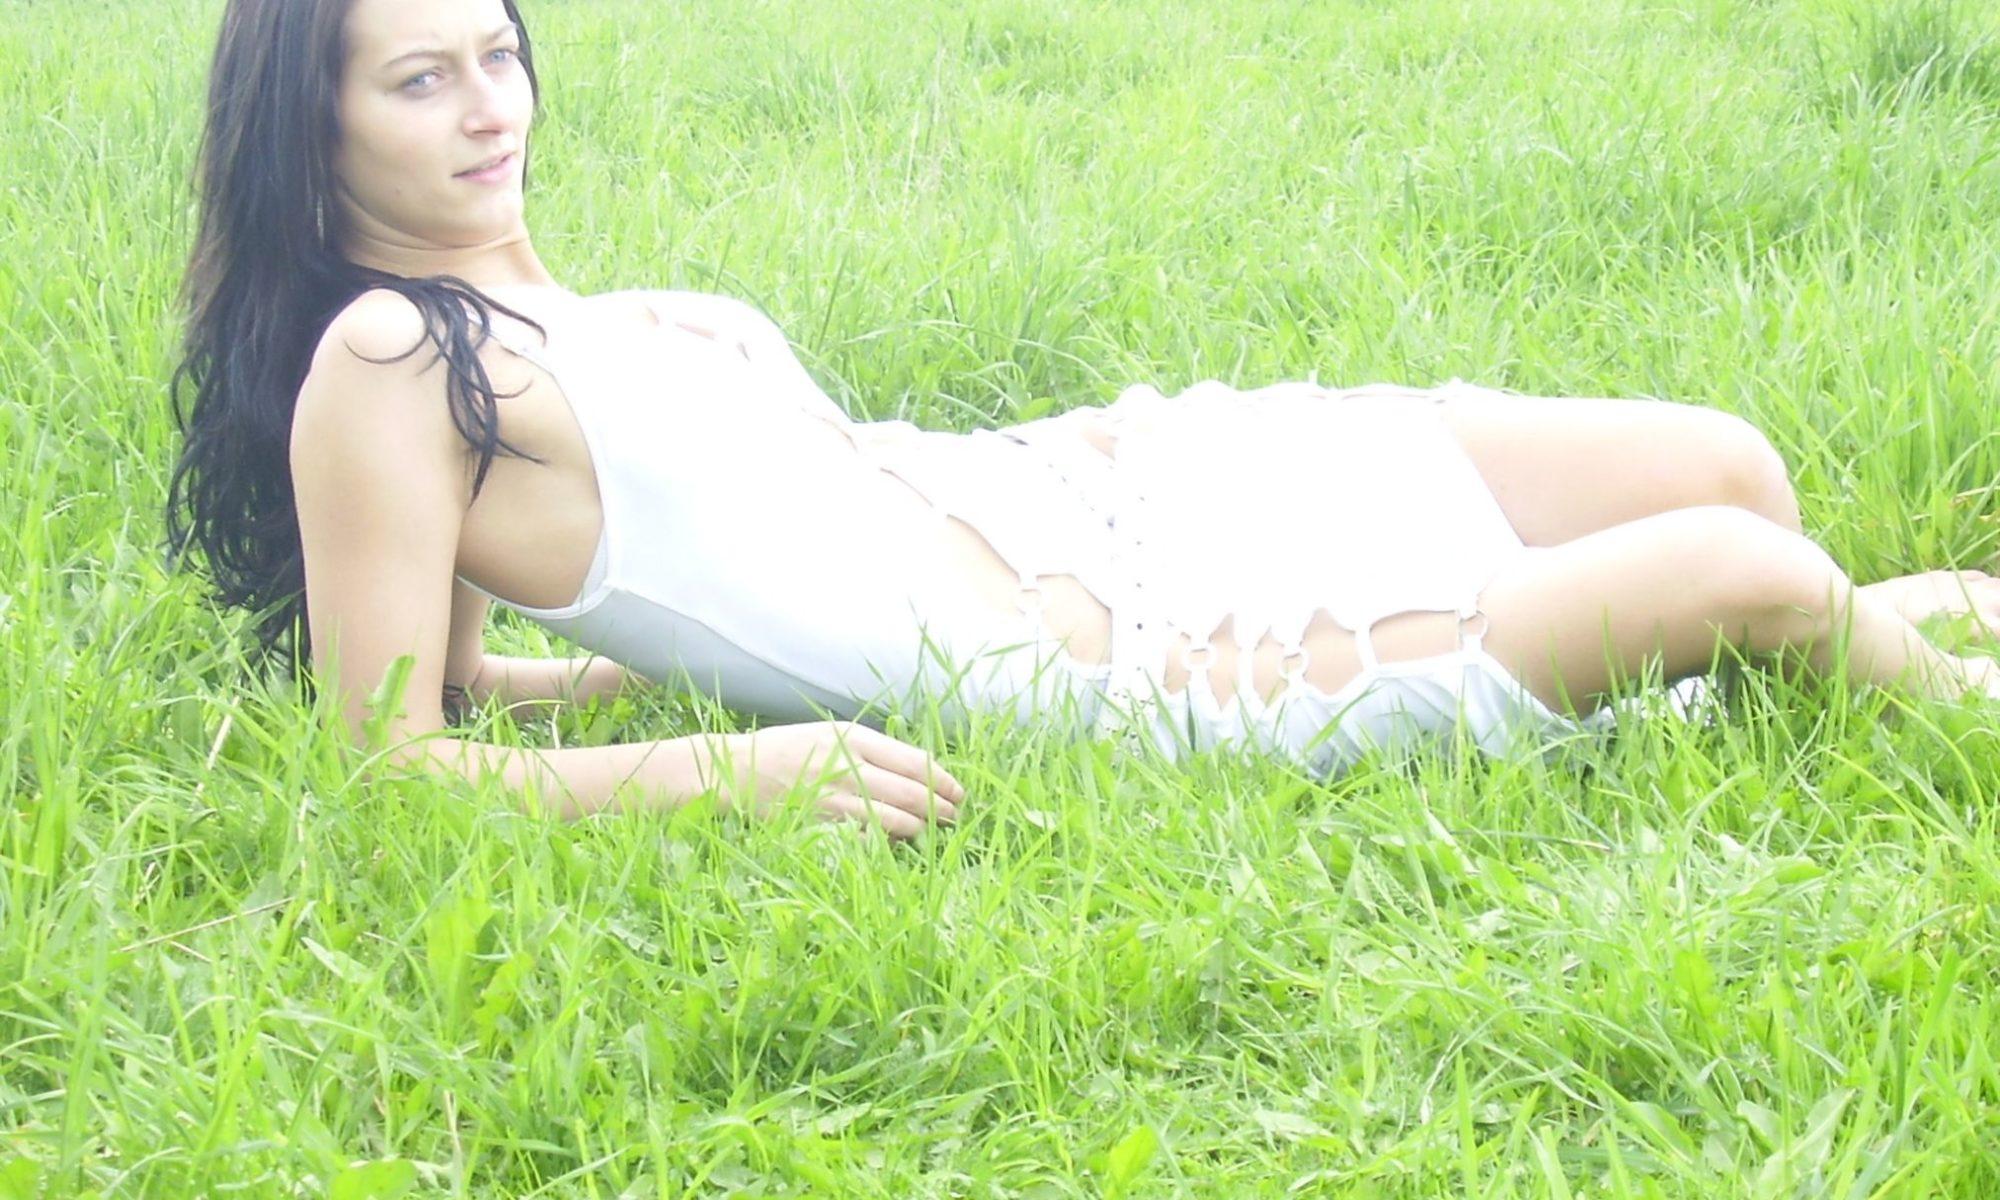 Schwarzhaarige Frau im weißen Kleid liegt auf der Wiese